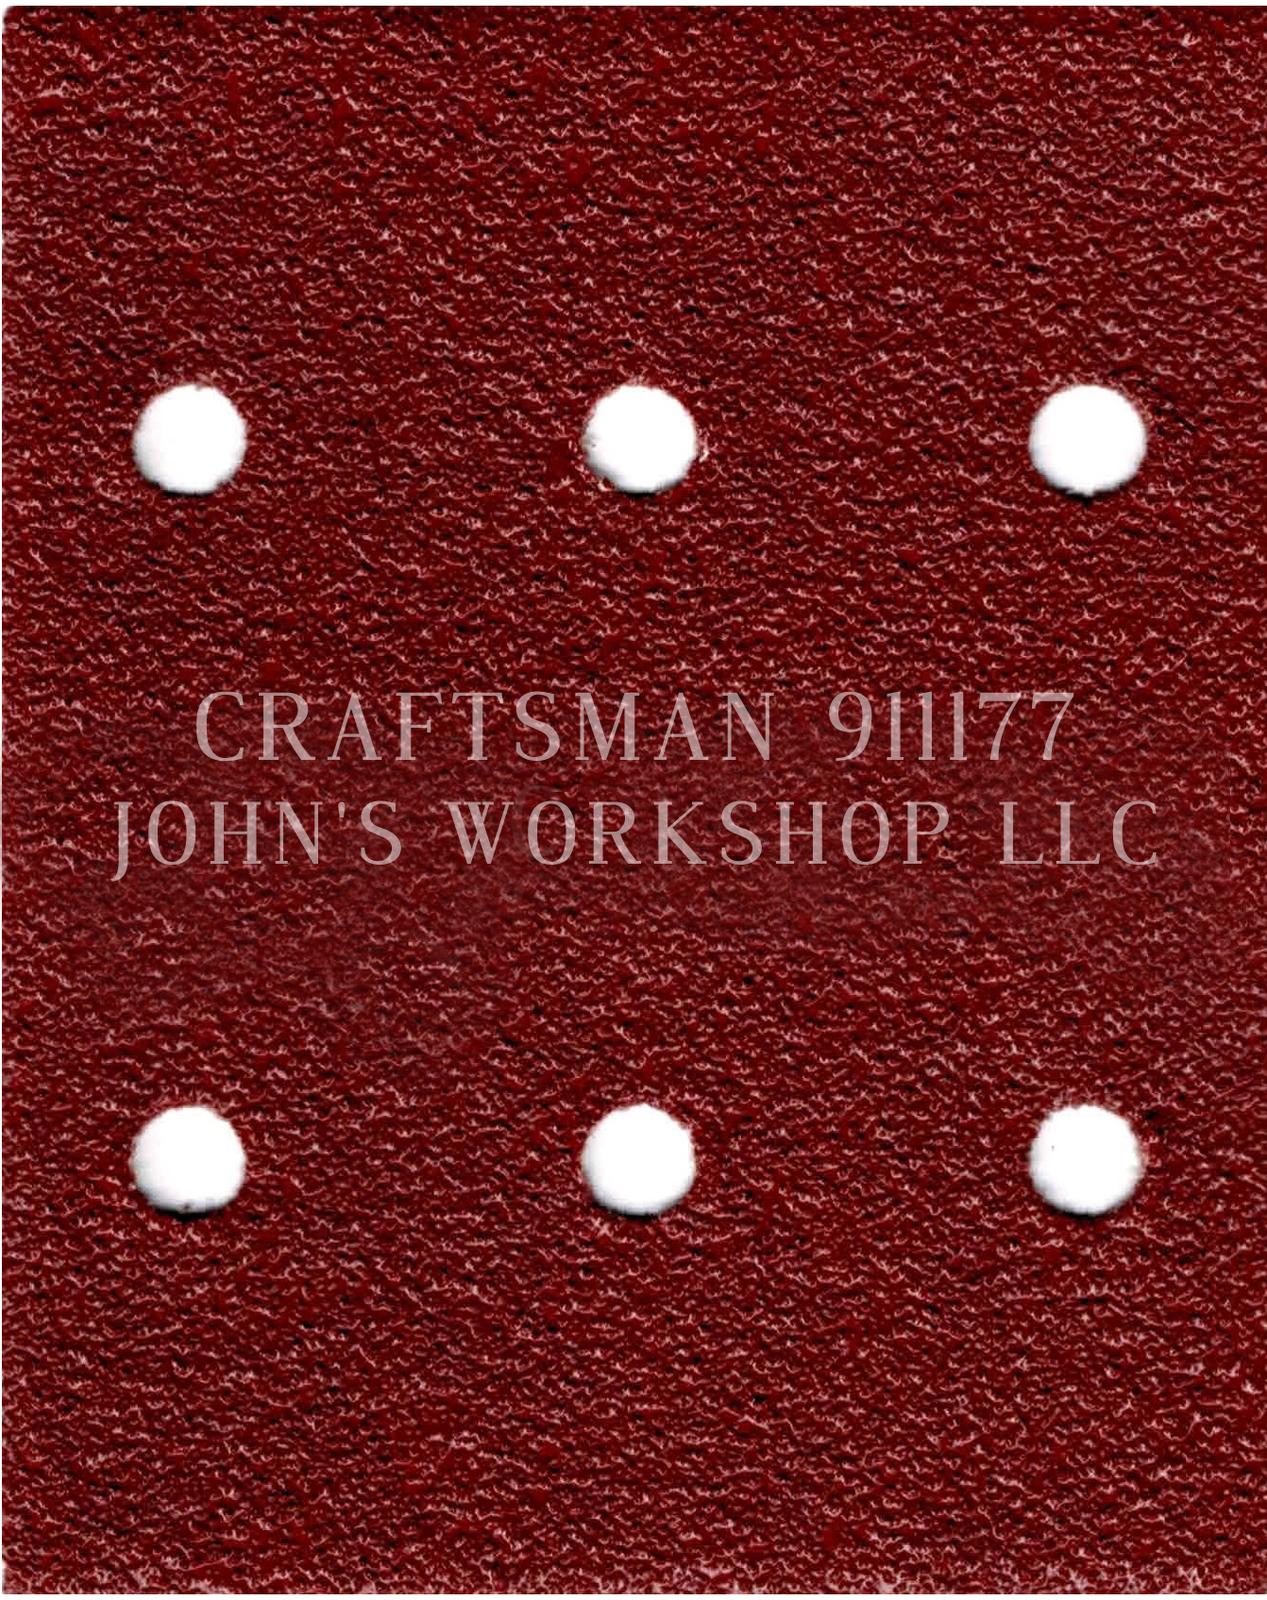 Build Your Own Bundle of CRAFTSMAN 911177 1/4 Sheet No-Slip Sandpaper - 17 Grits - $0.99